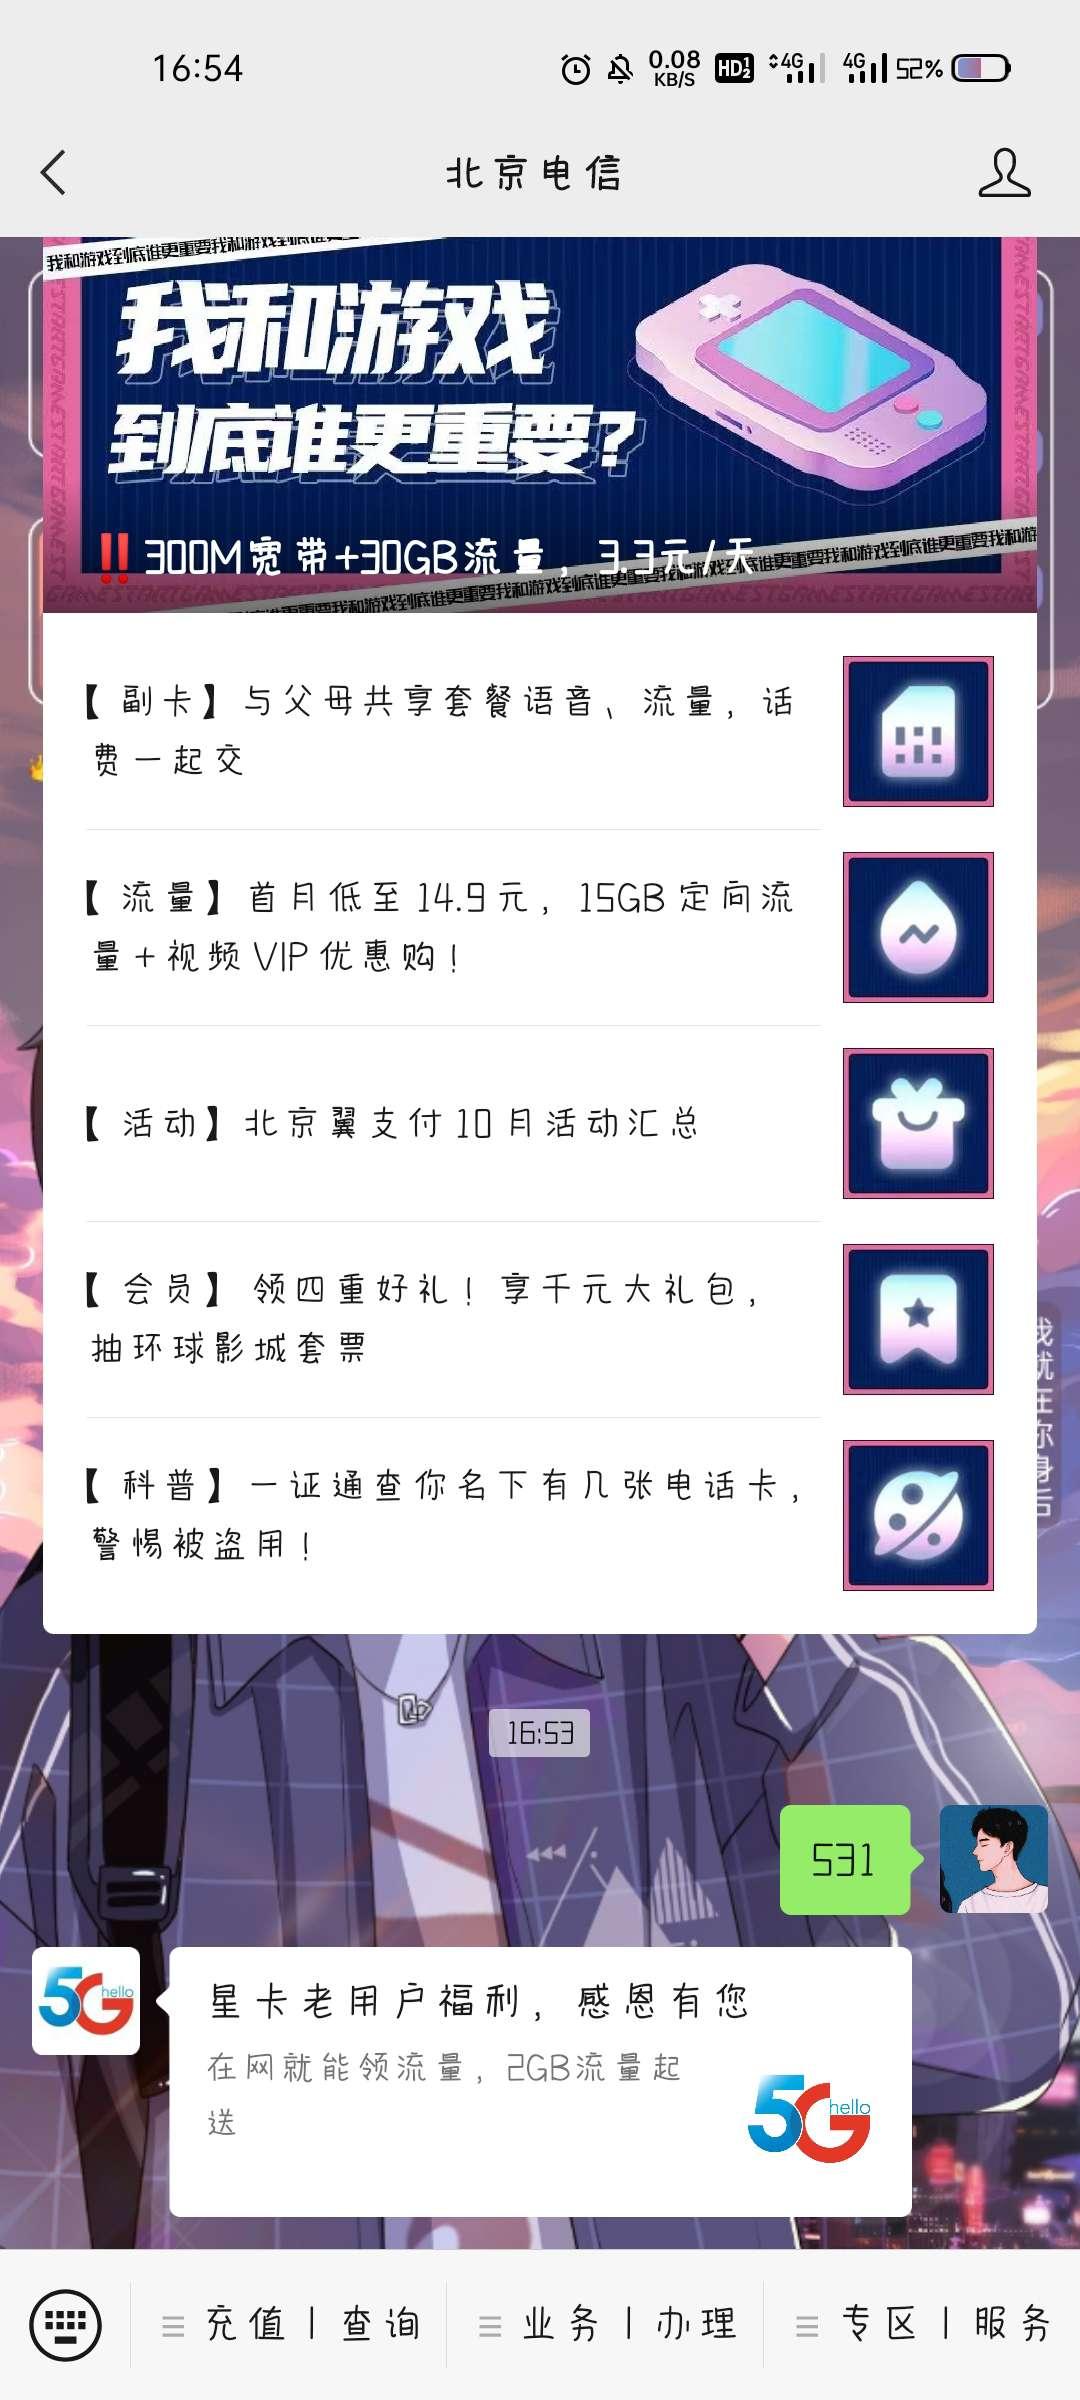 北京电信送领流量了